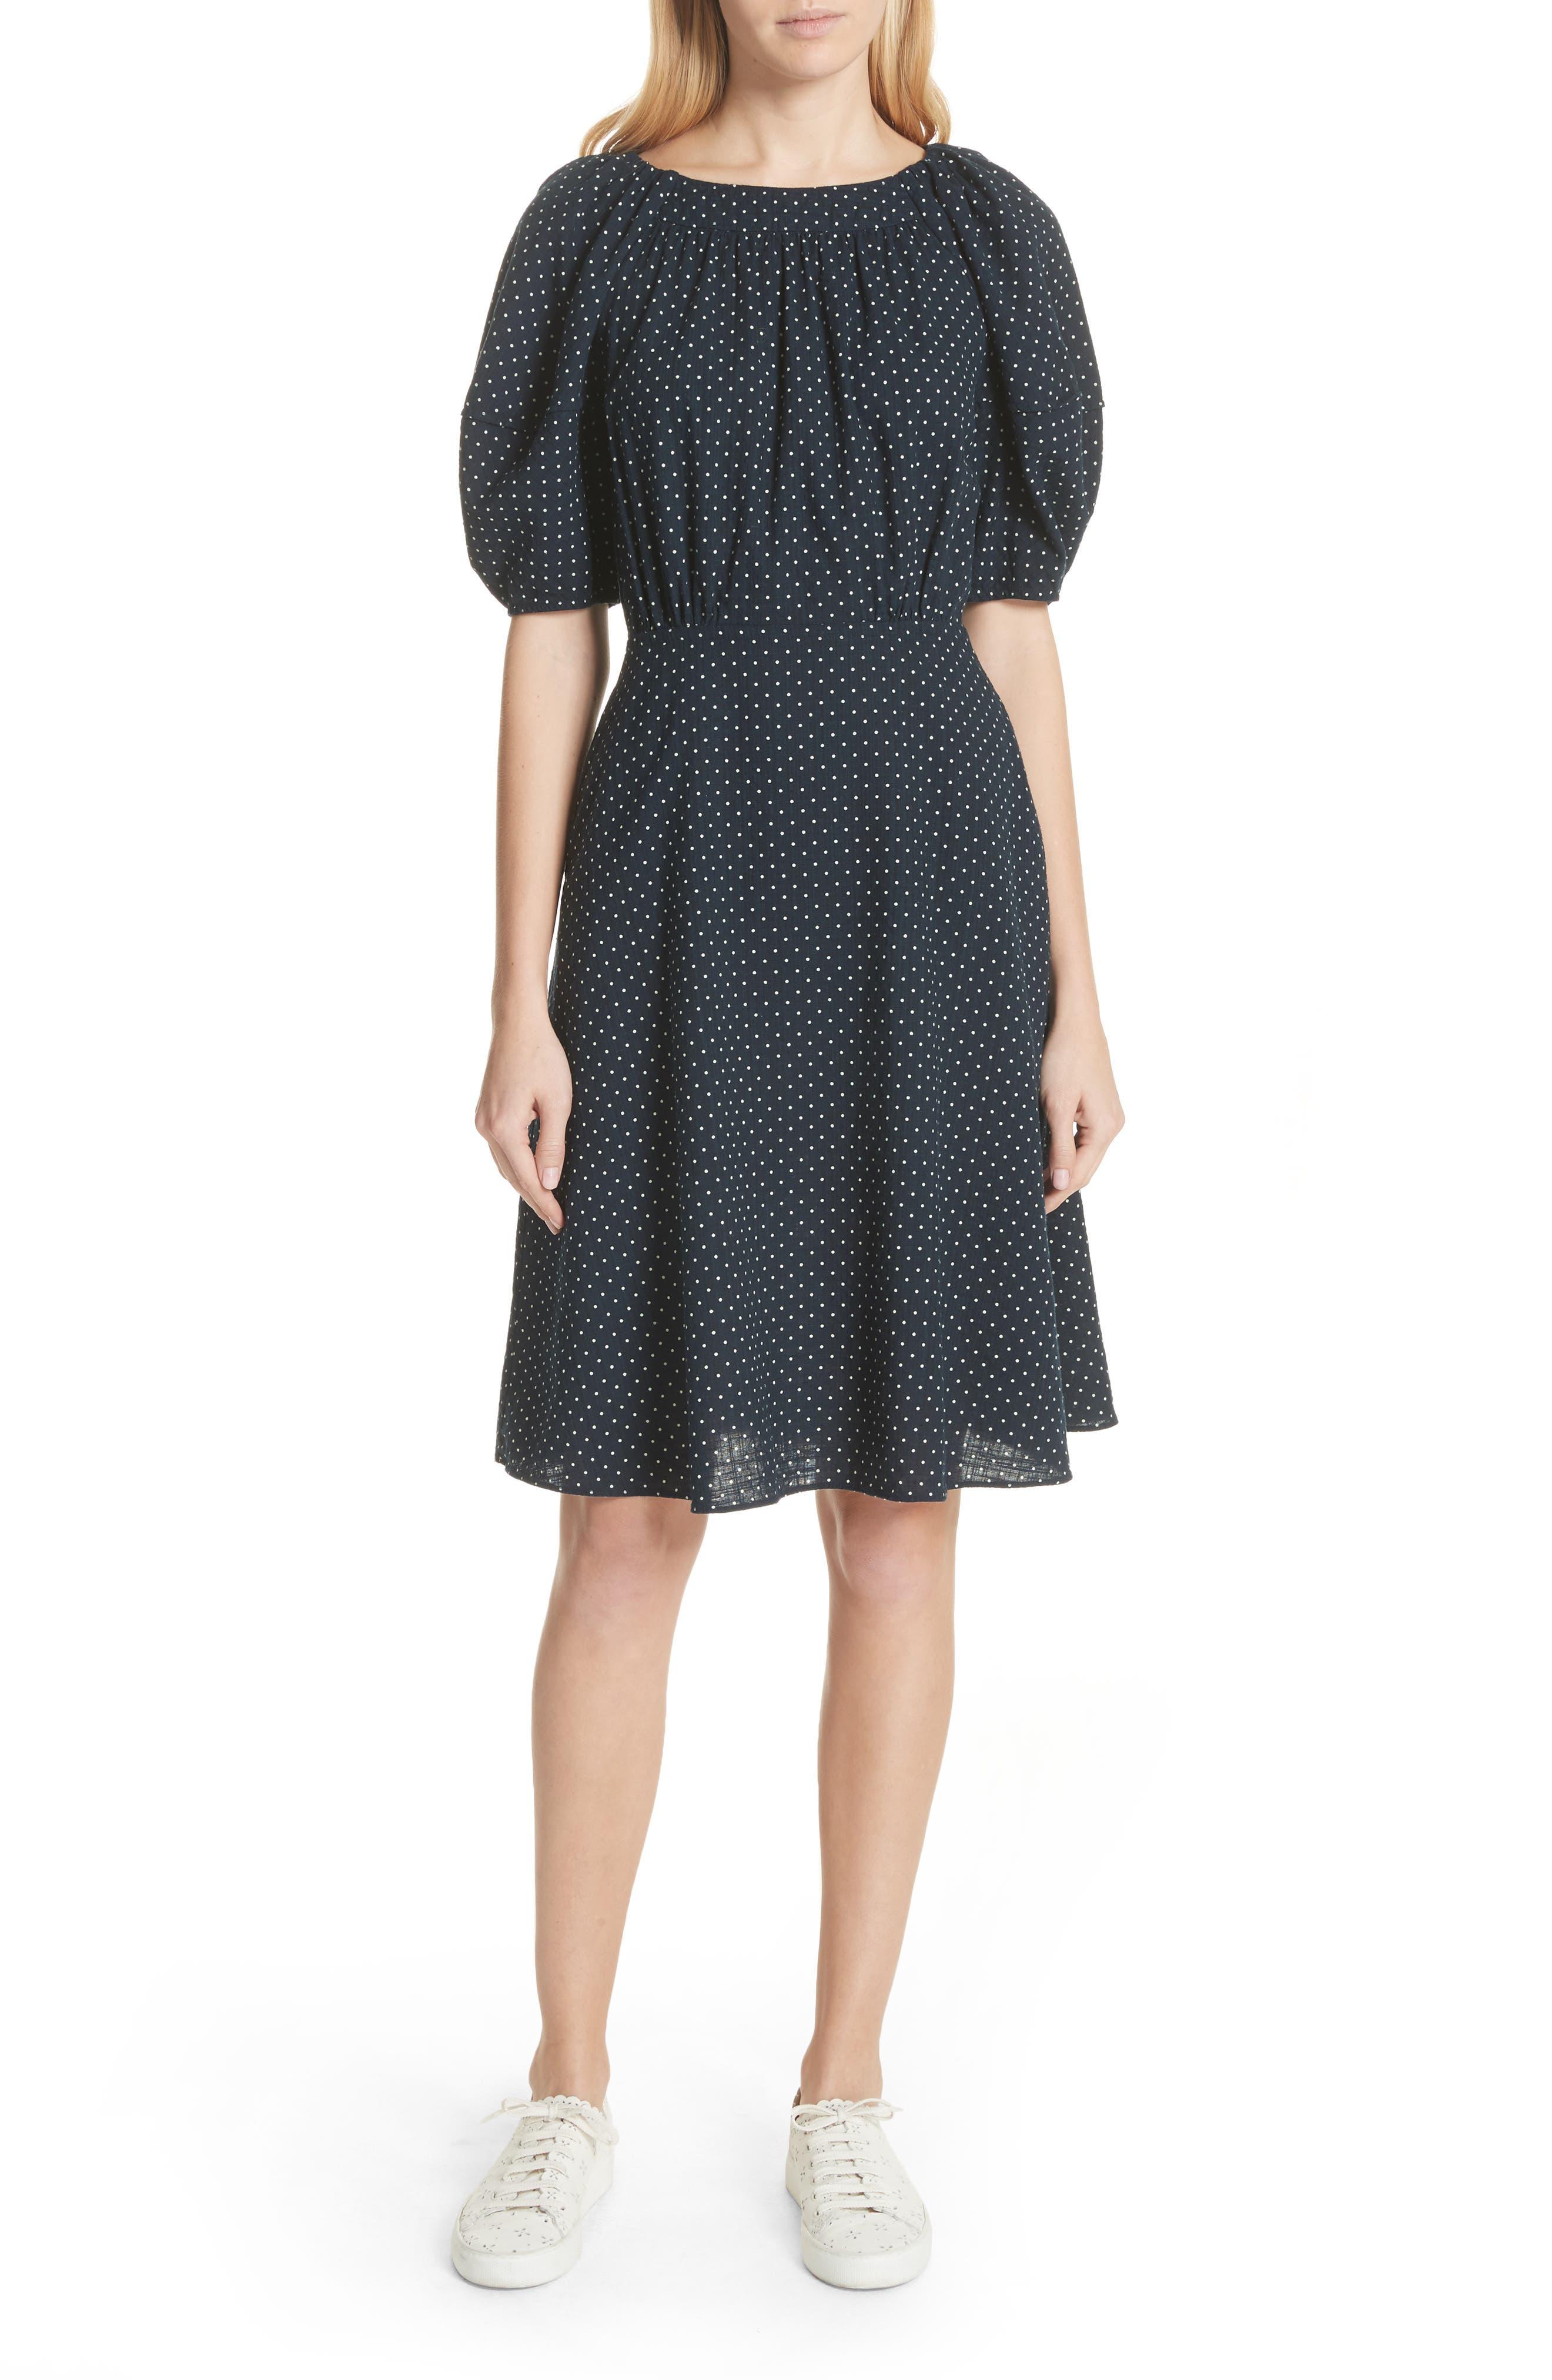 La Vie Rebecca Taylor Dahlia Dot Dress